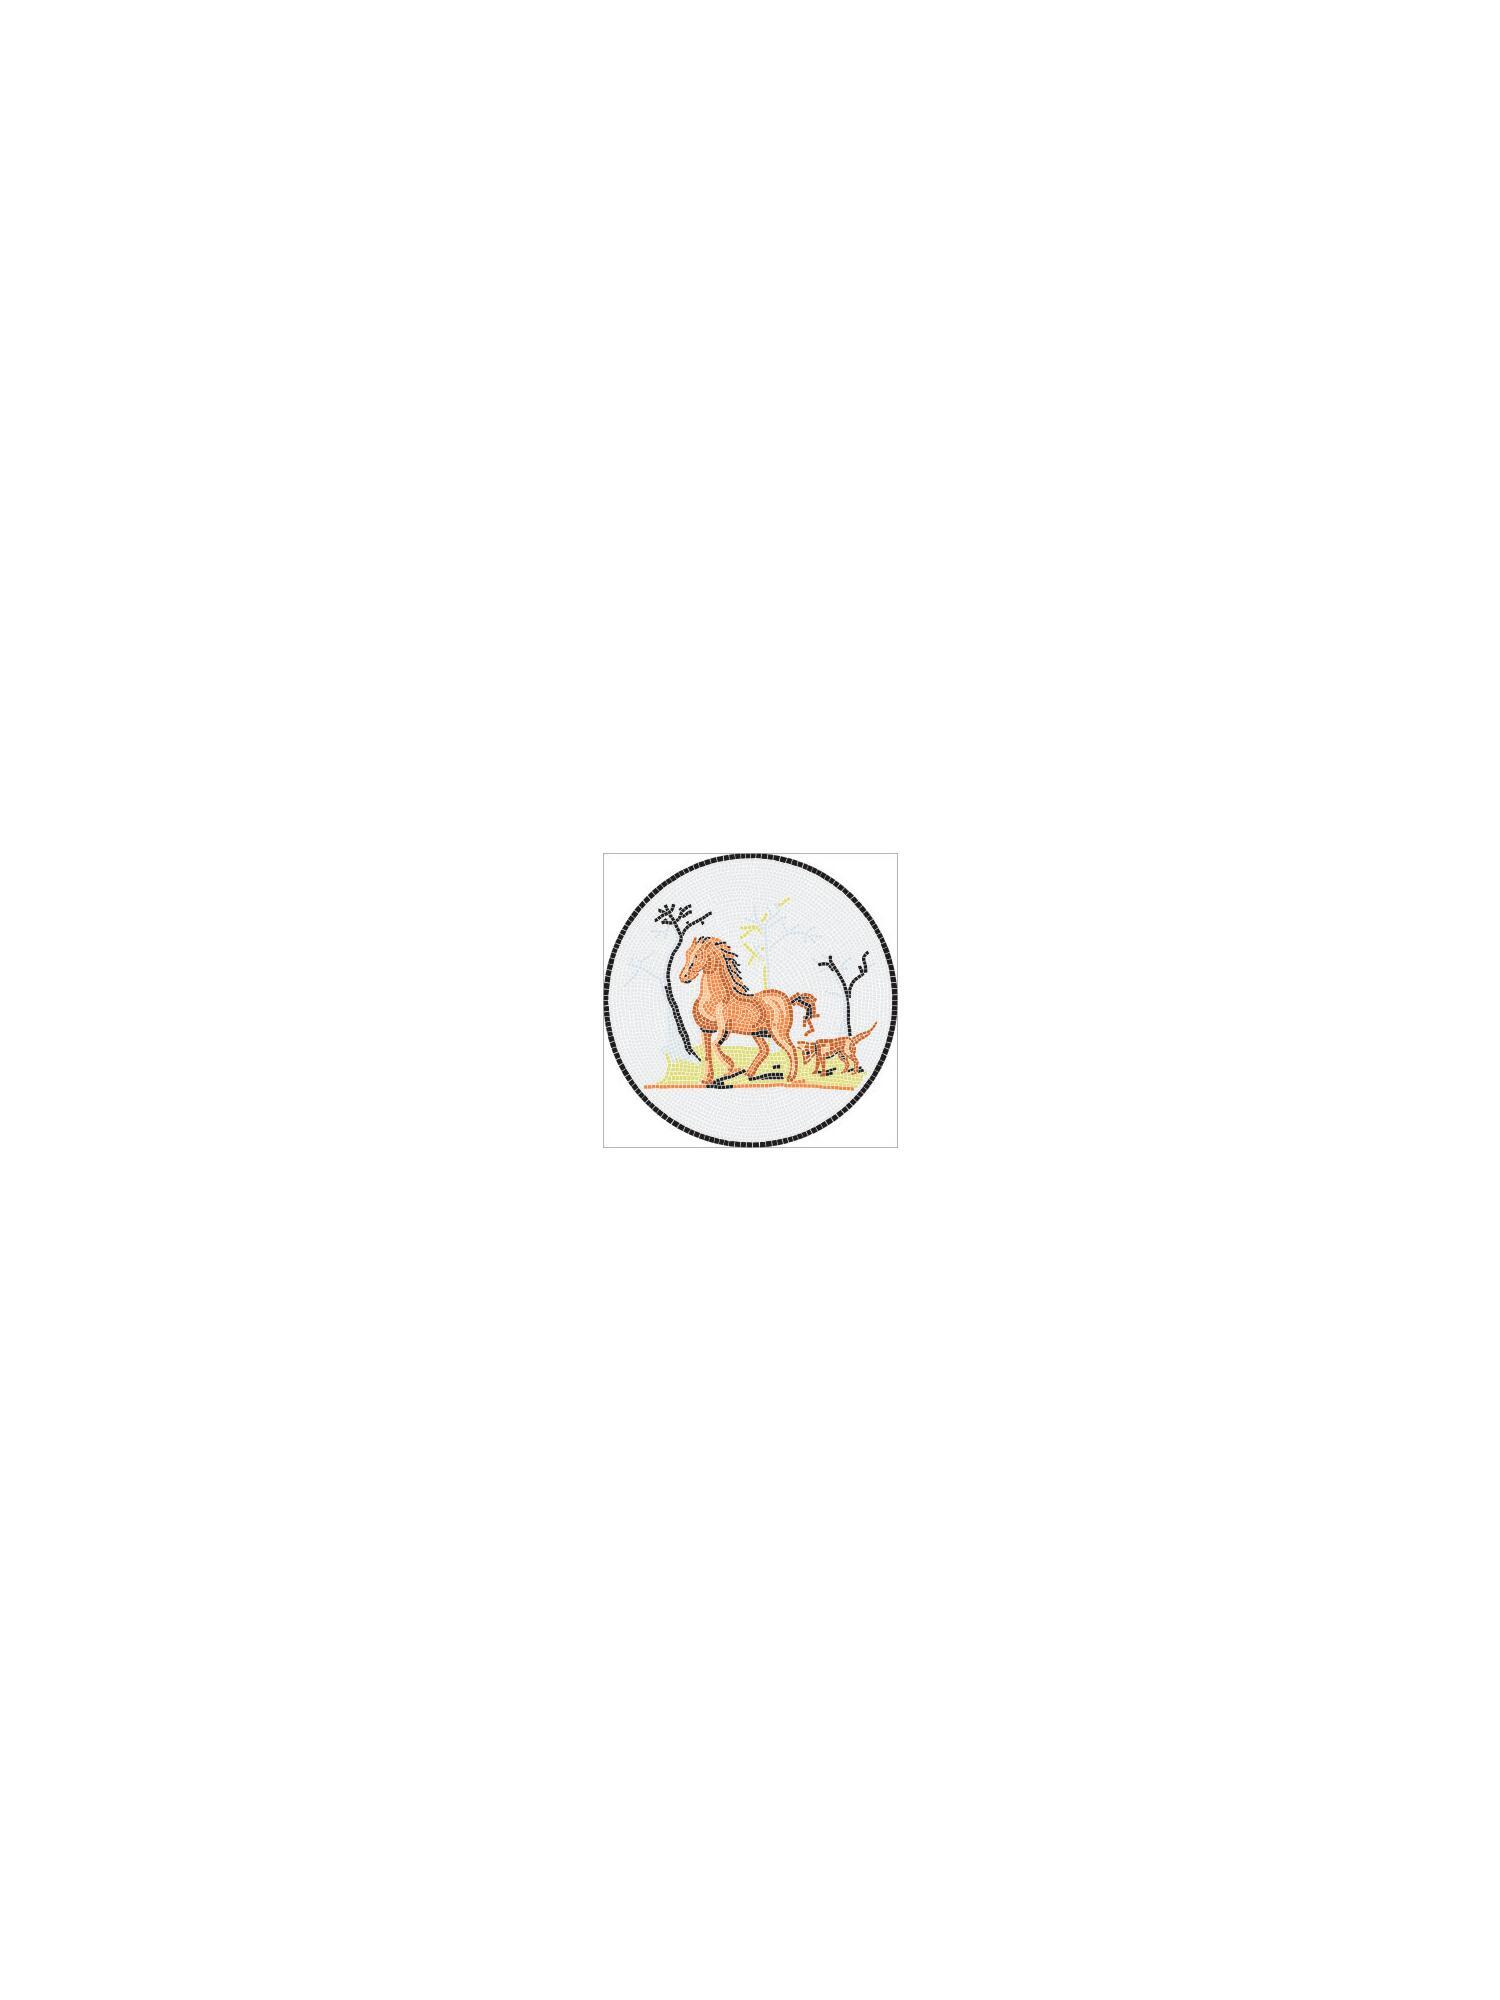 Mosaik Vorlagen Vorlage Pferd I Gunstig Kaufen Mosaik Shop 8 90